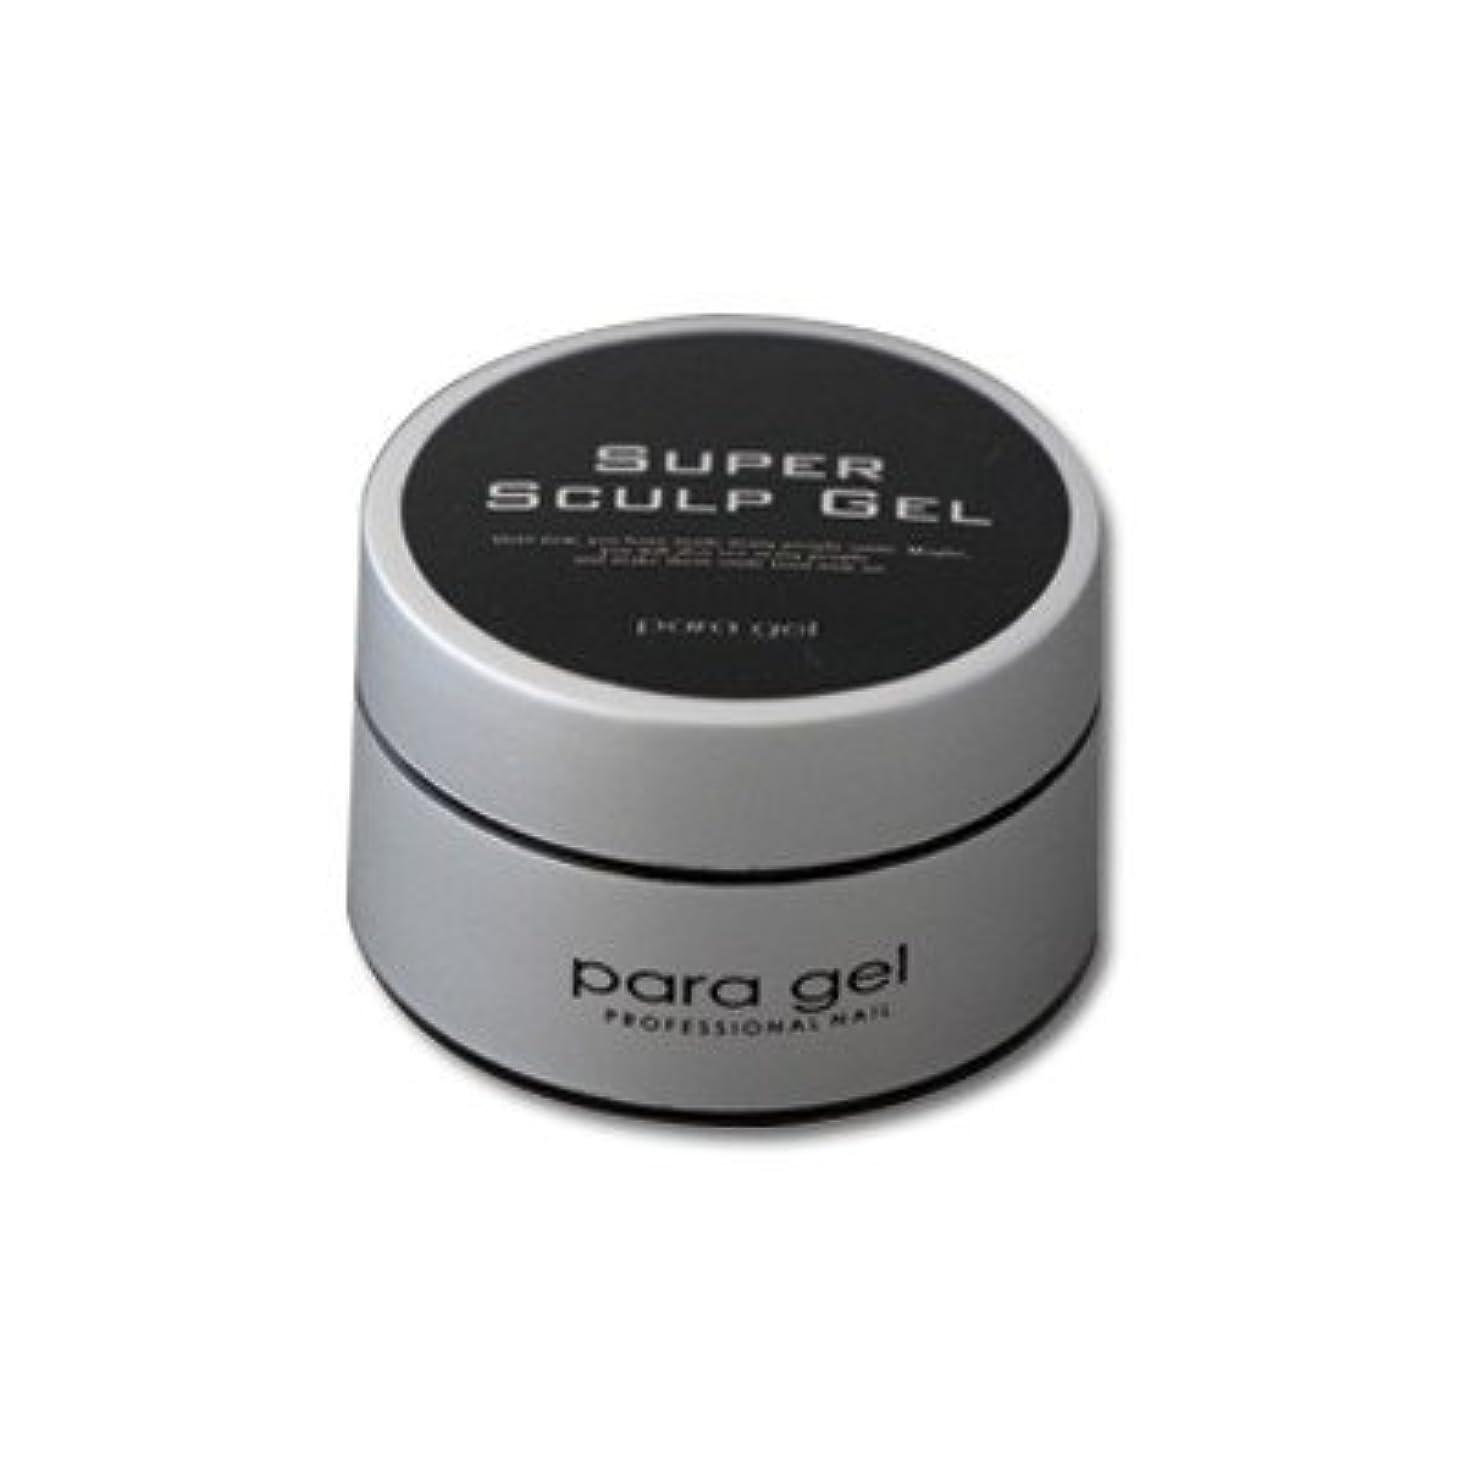 アッパー狂うがっかりするpara gel(パラジェル) スーパースカルプジェル 10g